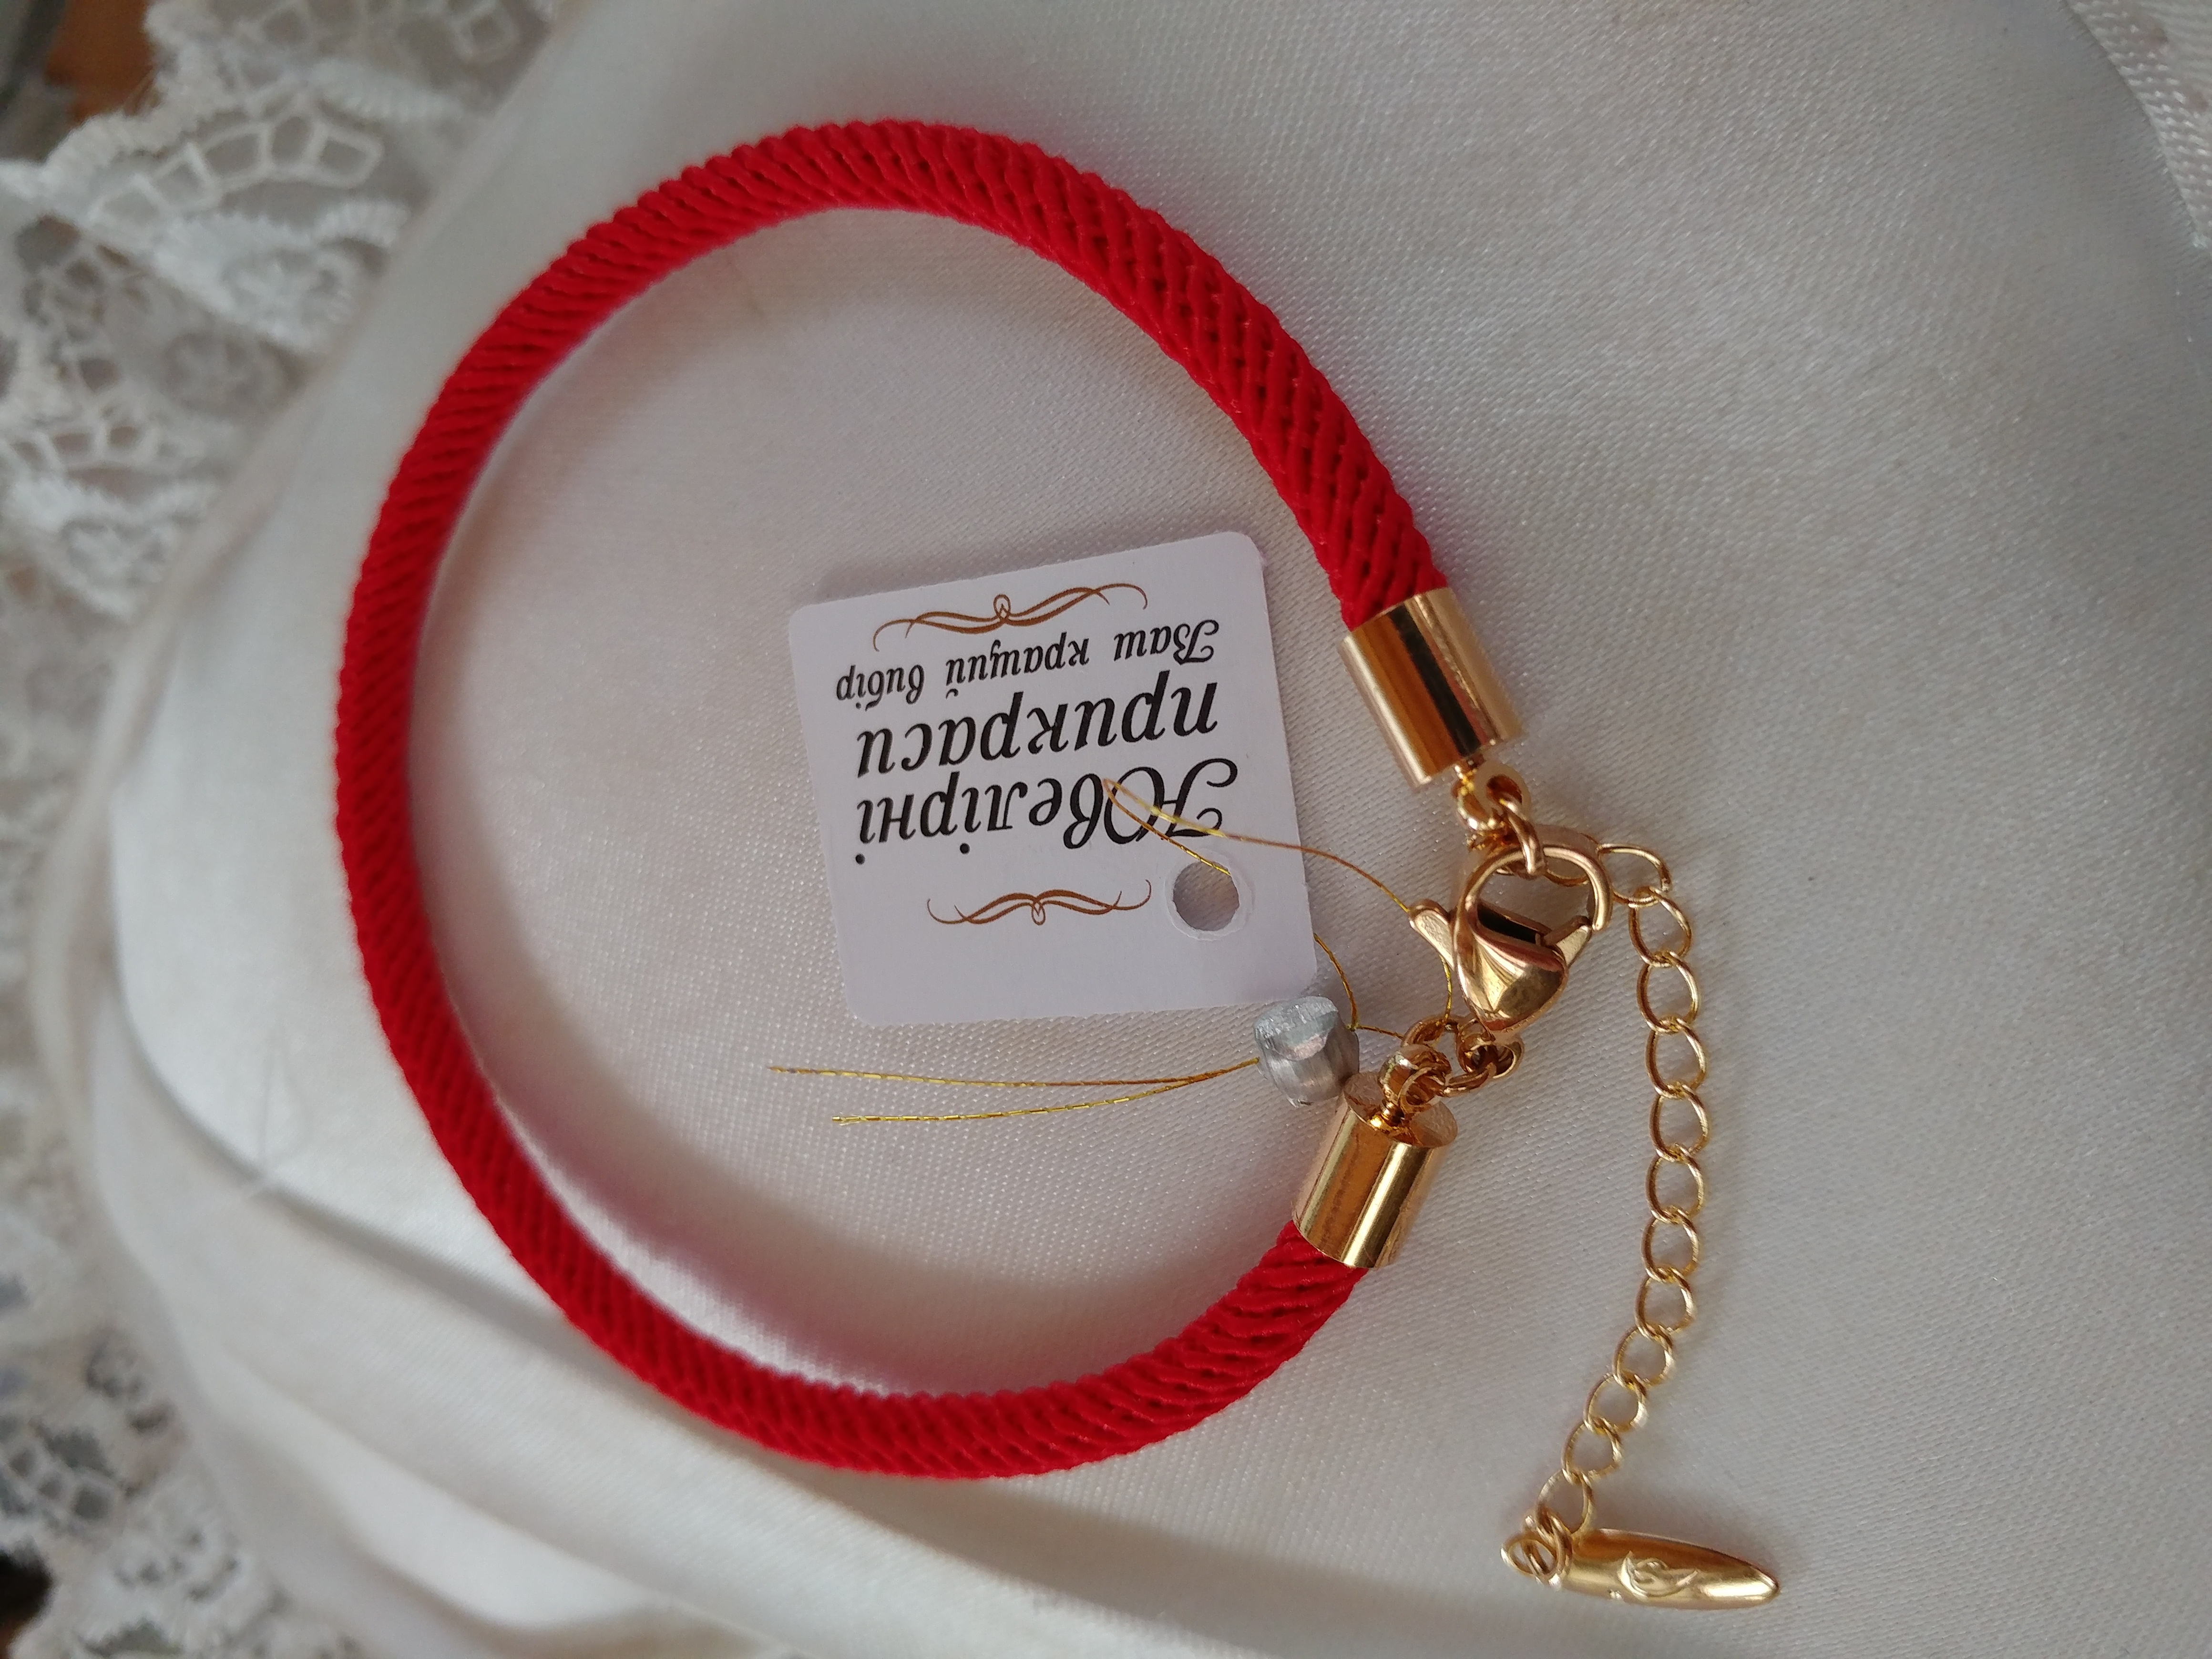 новинка! красивый красный переплетенный браслет-оберег косичкой р. 20/24 см, позолота 585 пробы